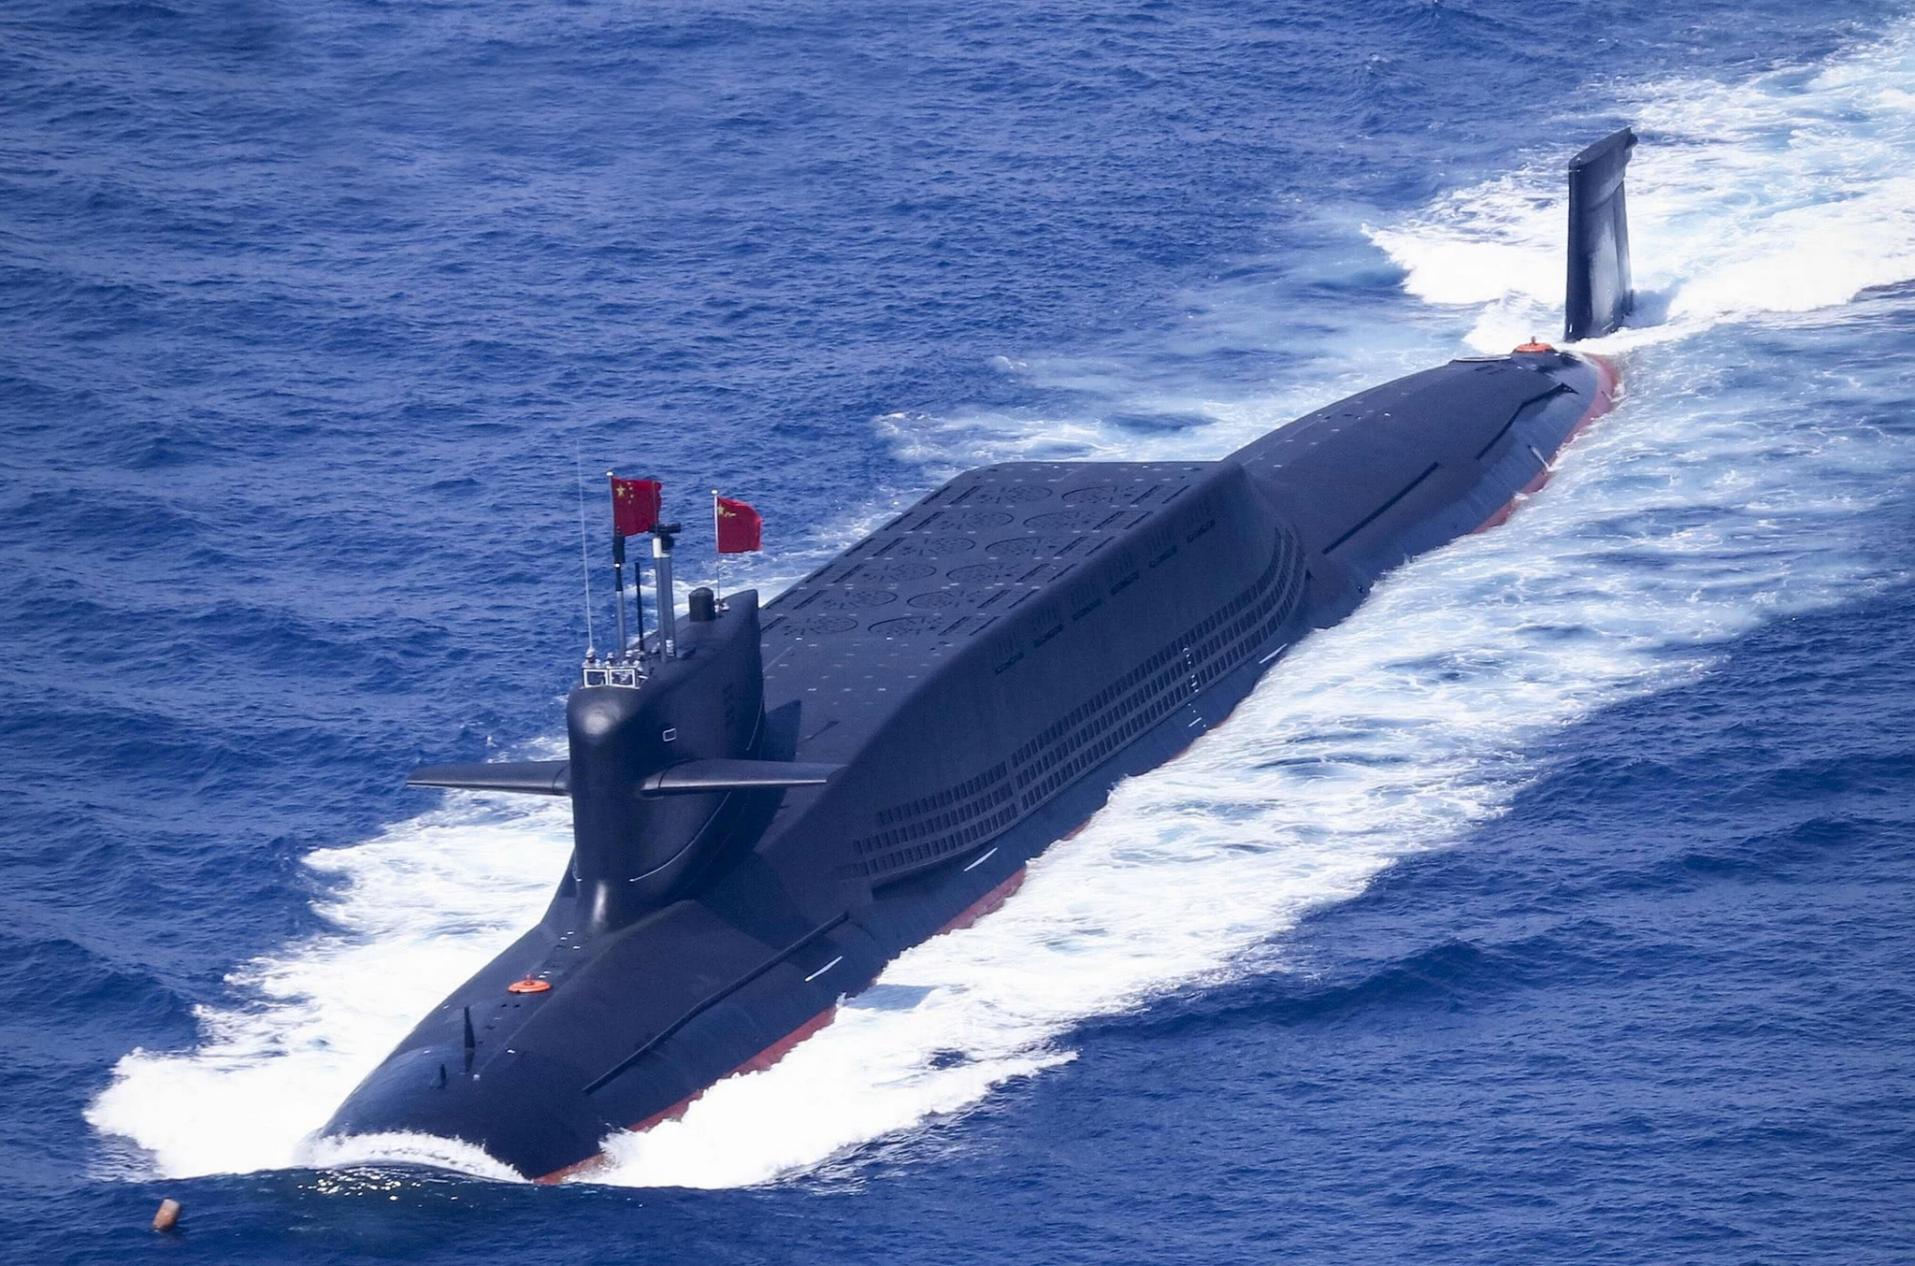 美媒宣称中国增加核弹头数量,为美国破坏战略平衡寻找借口